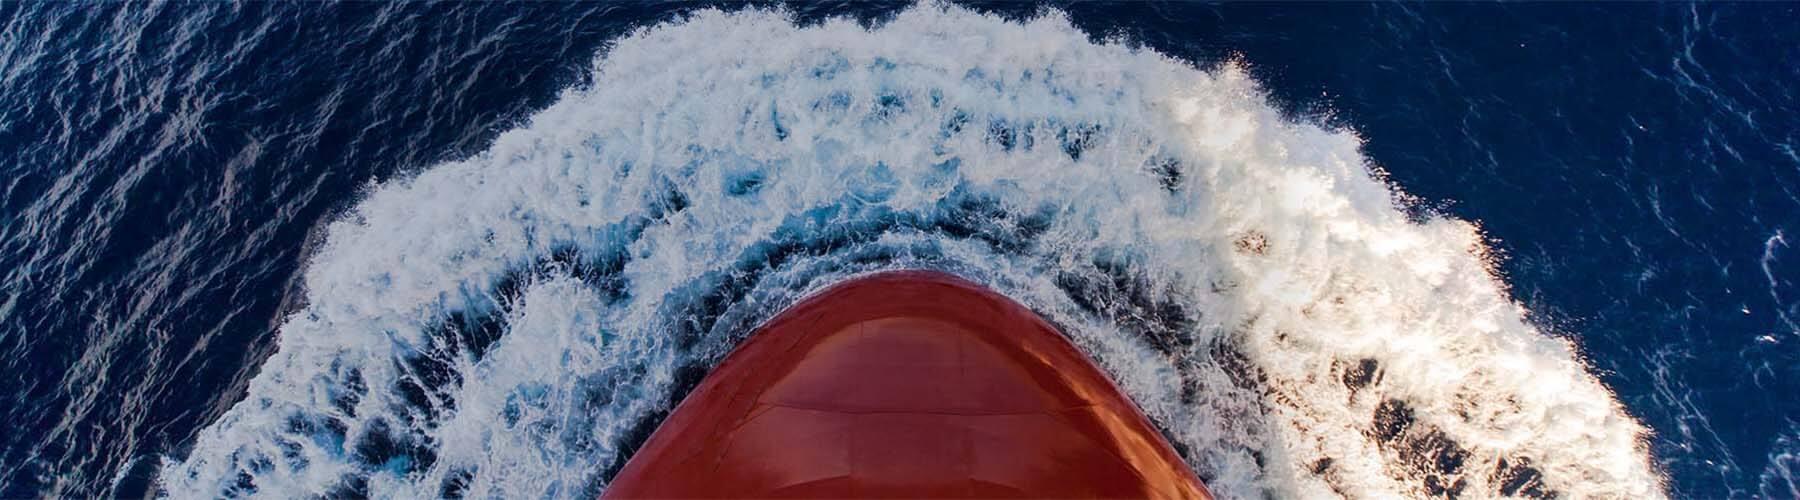 La popa de un buque de transporte crea una estela mientras navega por el océano.